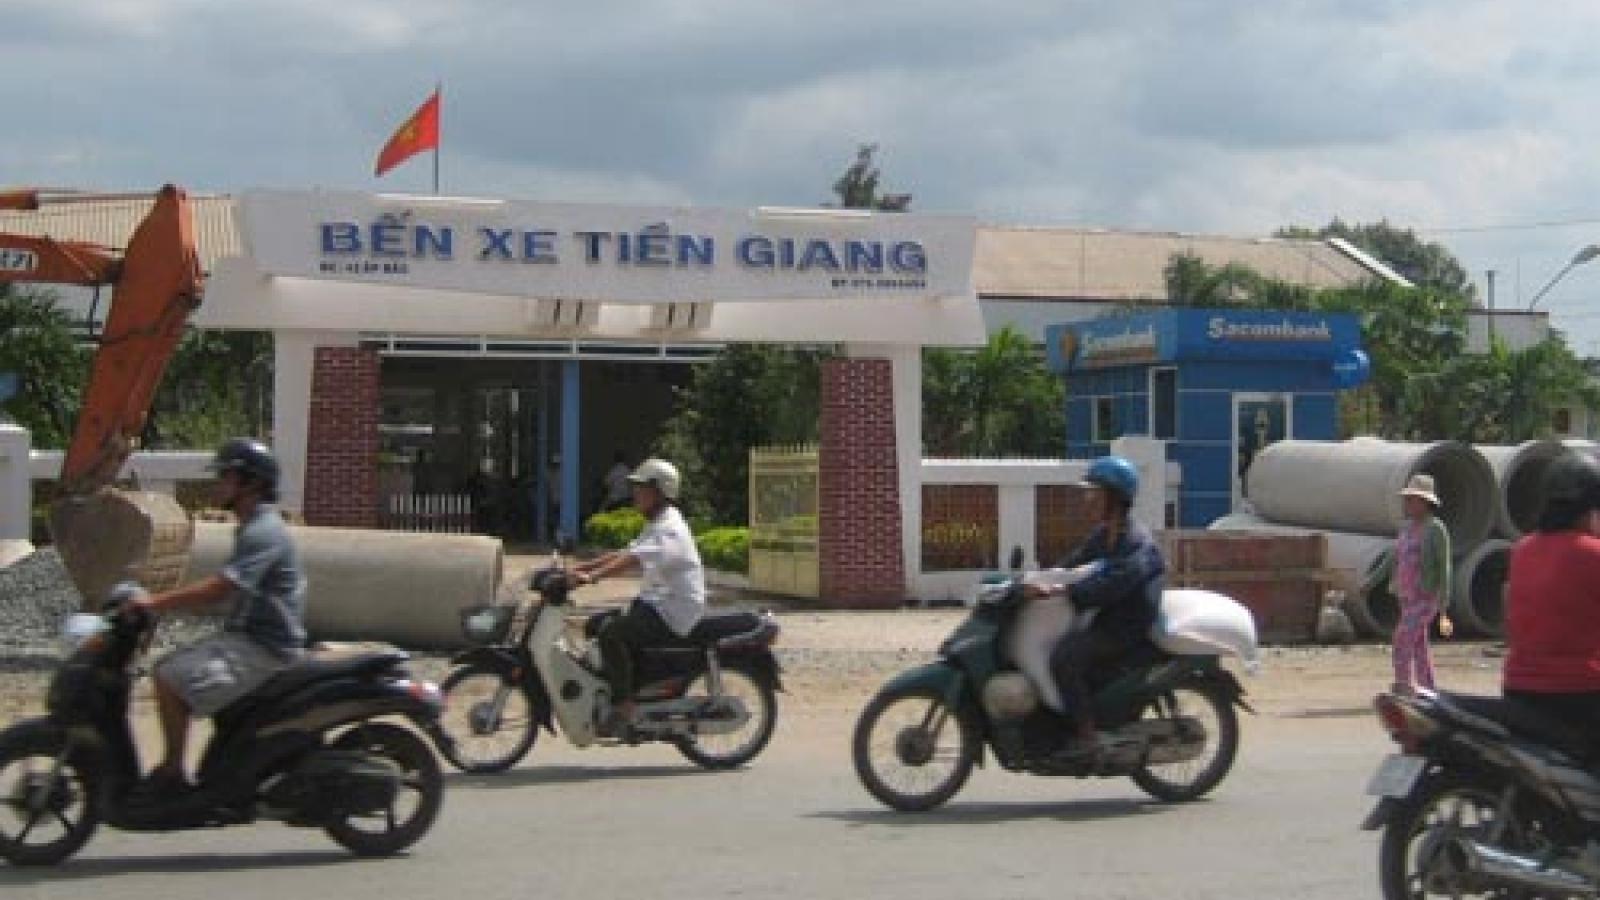 Tiền Giang tạm dừng hoạt động vận tải hành khách đến Long An và TPHCM